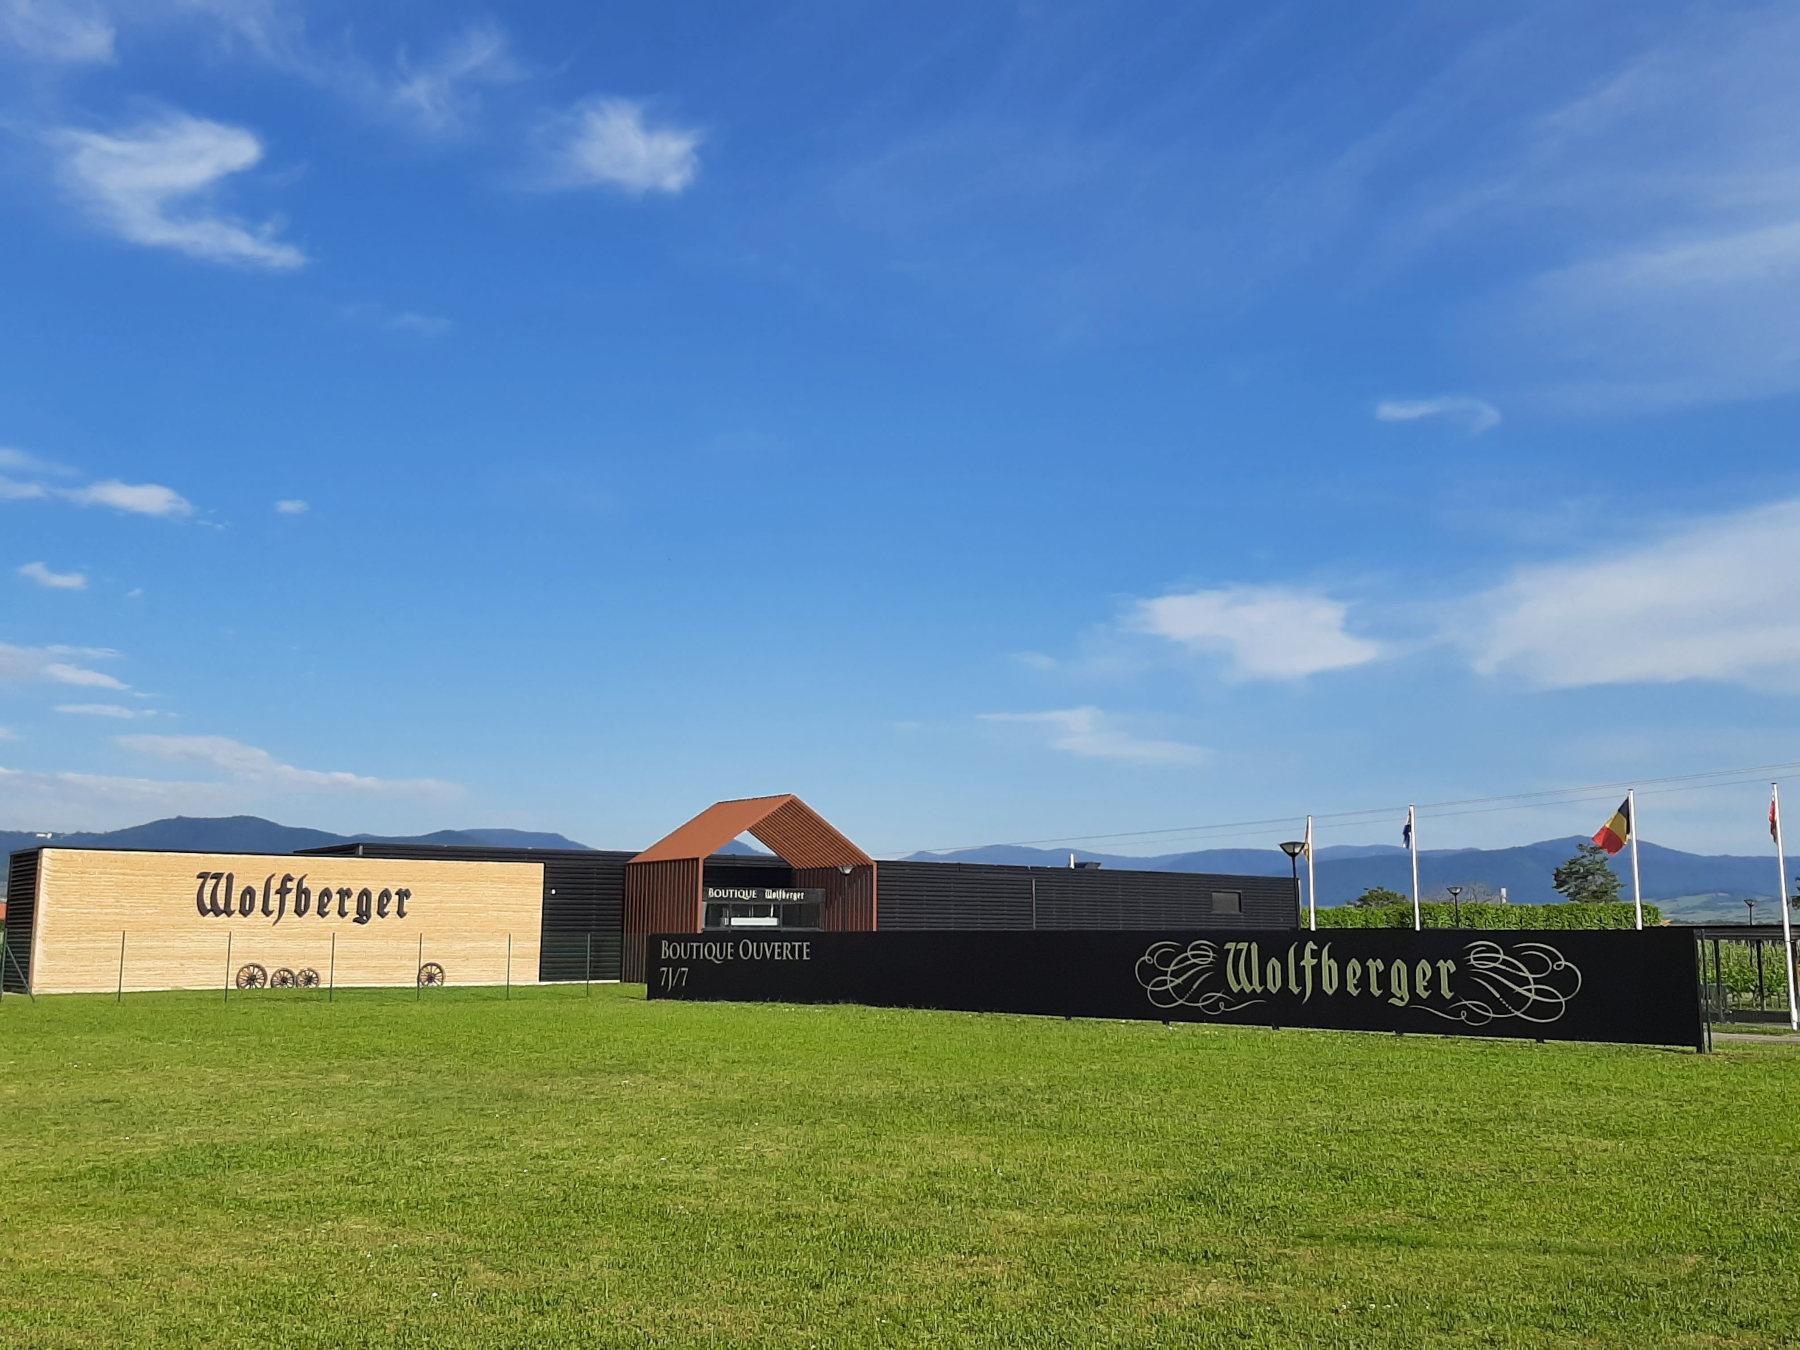 Boutique La Cave Wolfberger